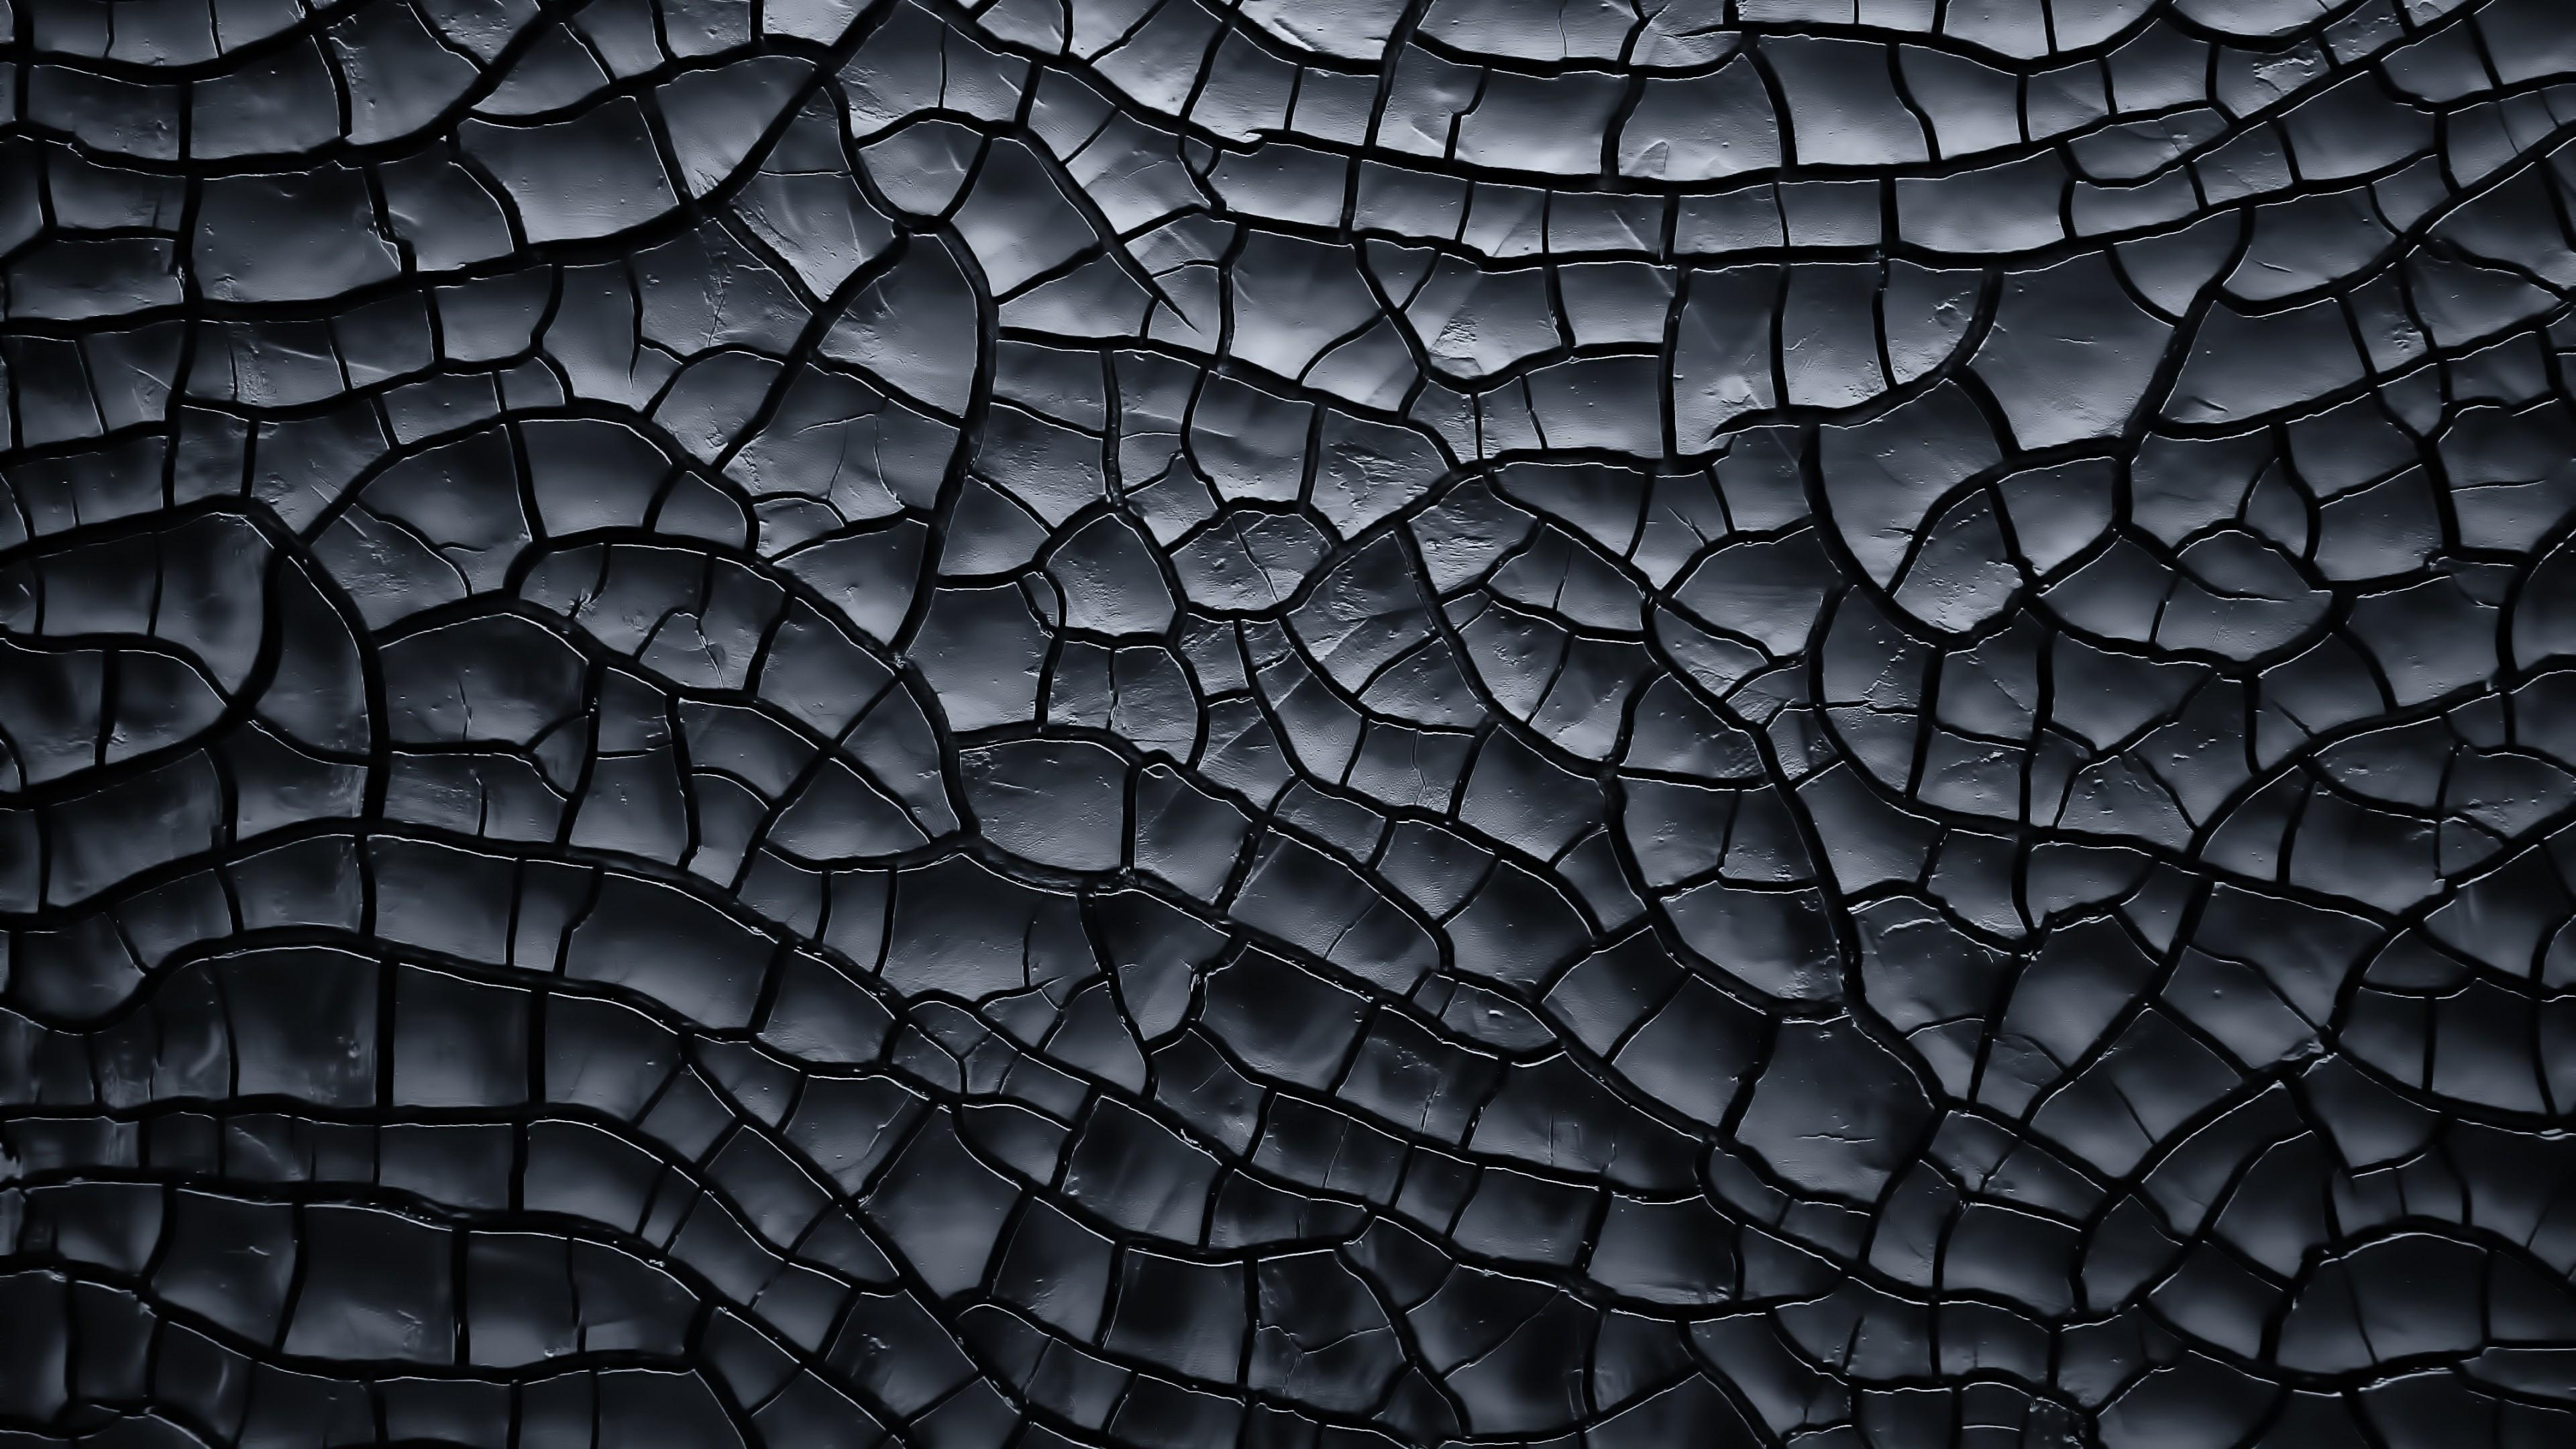 Wallpaper texture, crack, black